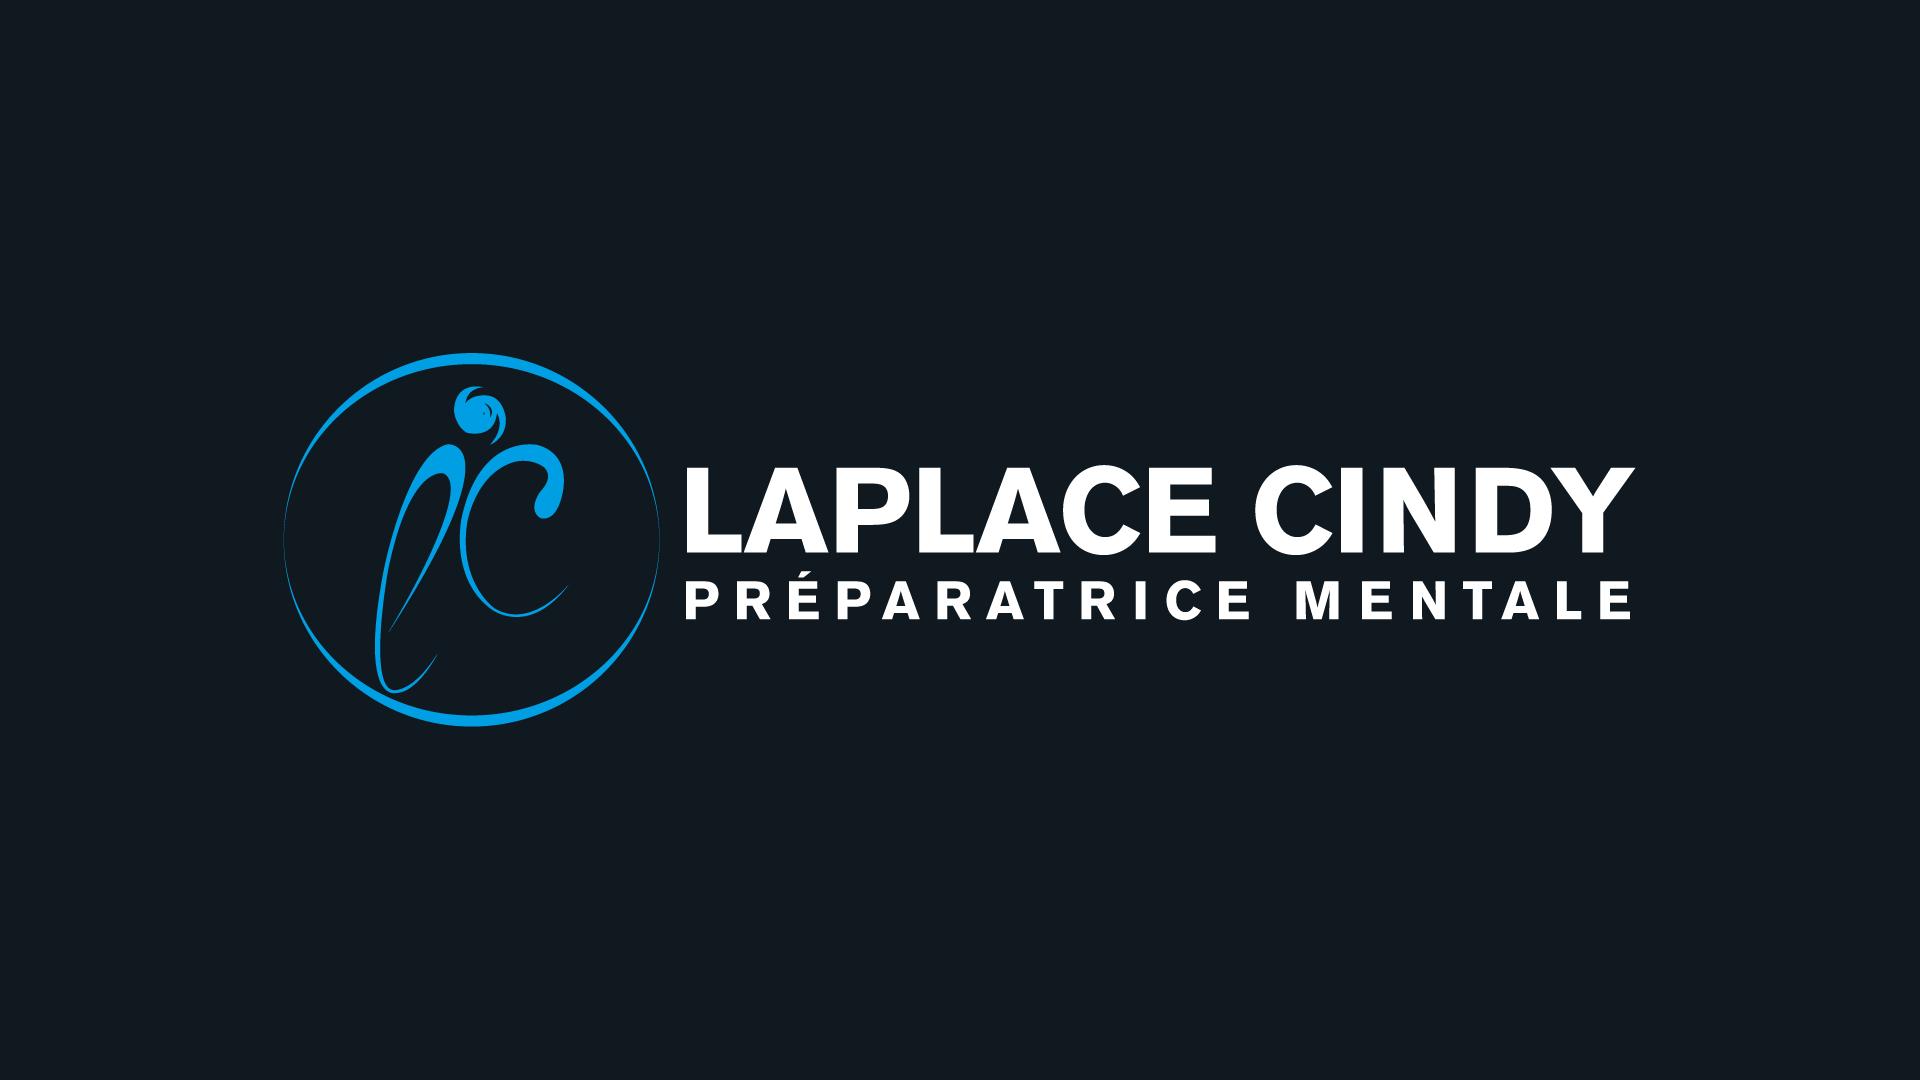 logo de Cindy Laplace